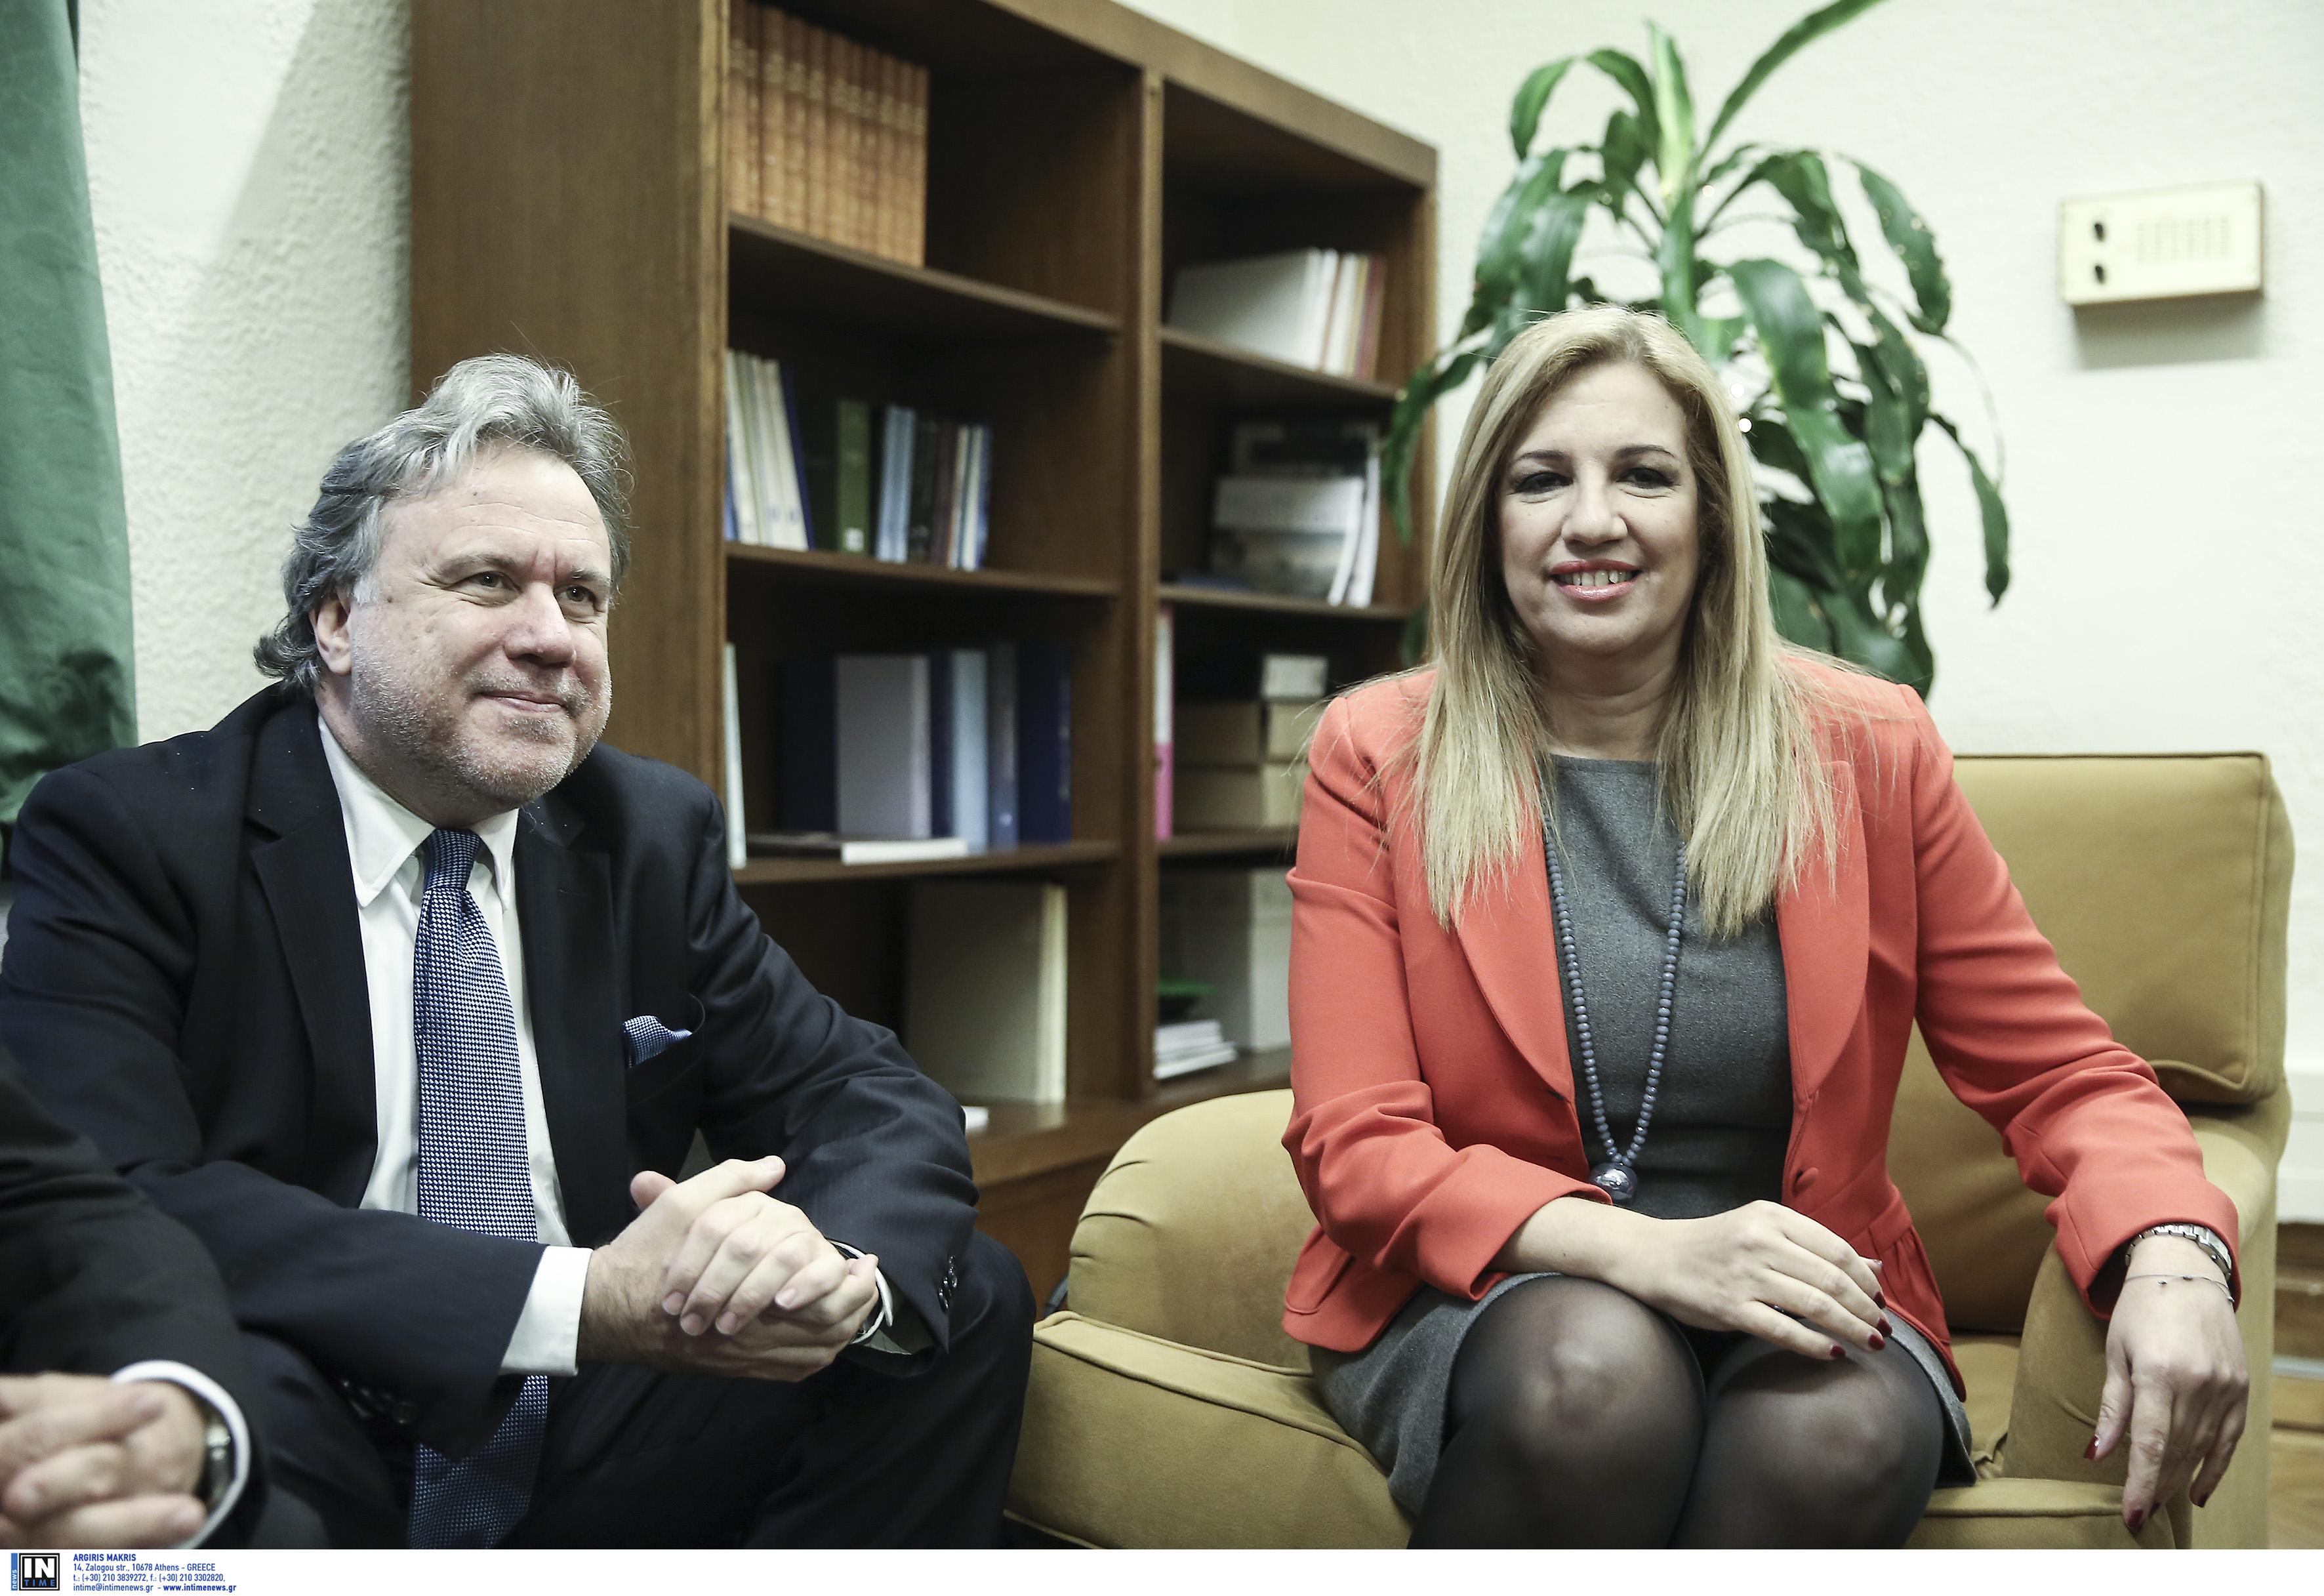 Ελληνοτουρκικά: Συμβούλιο αρχηγών ζητά η Γεννηματά, Συμβούλιο Εξωτερικής Πολιτικής ο Κατρούγκαλος